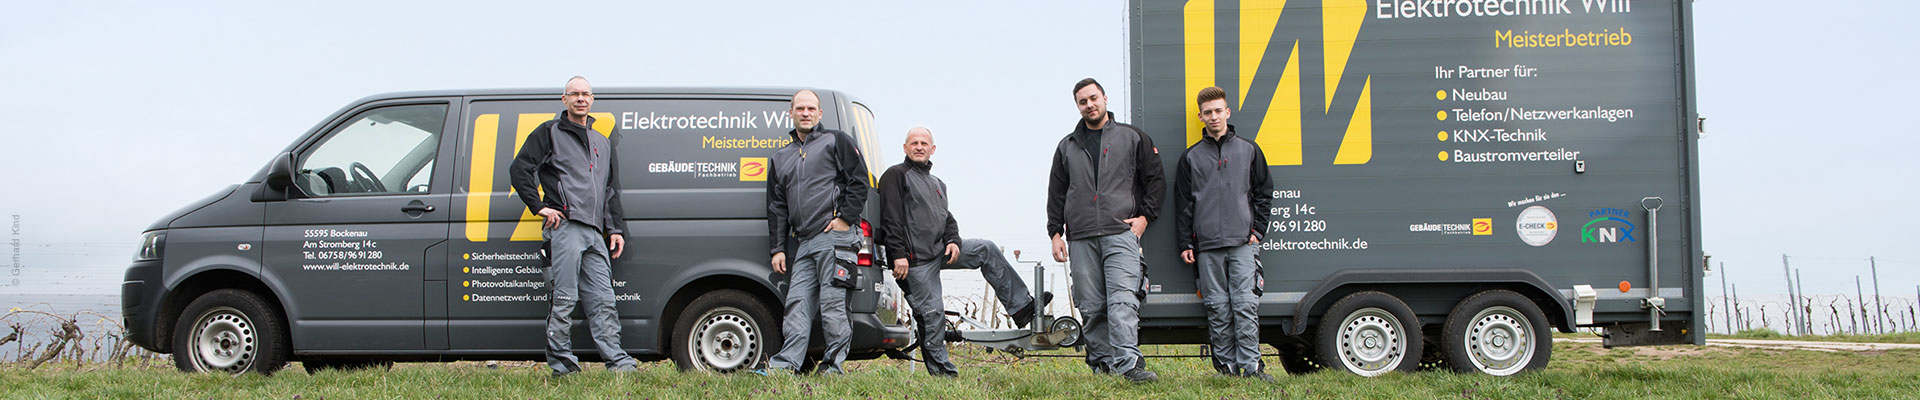 Mitarbeiter und Fahrzeug Elektrotechnik Will